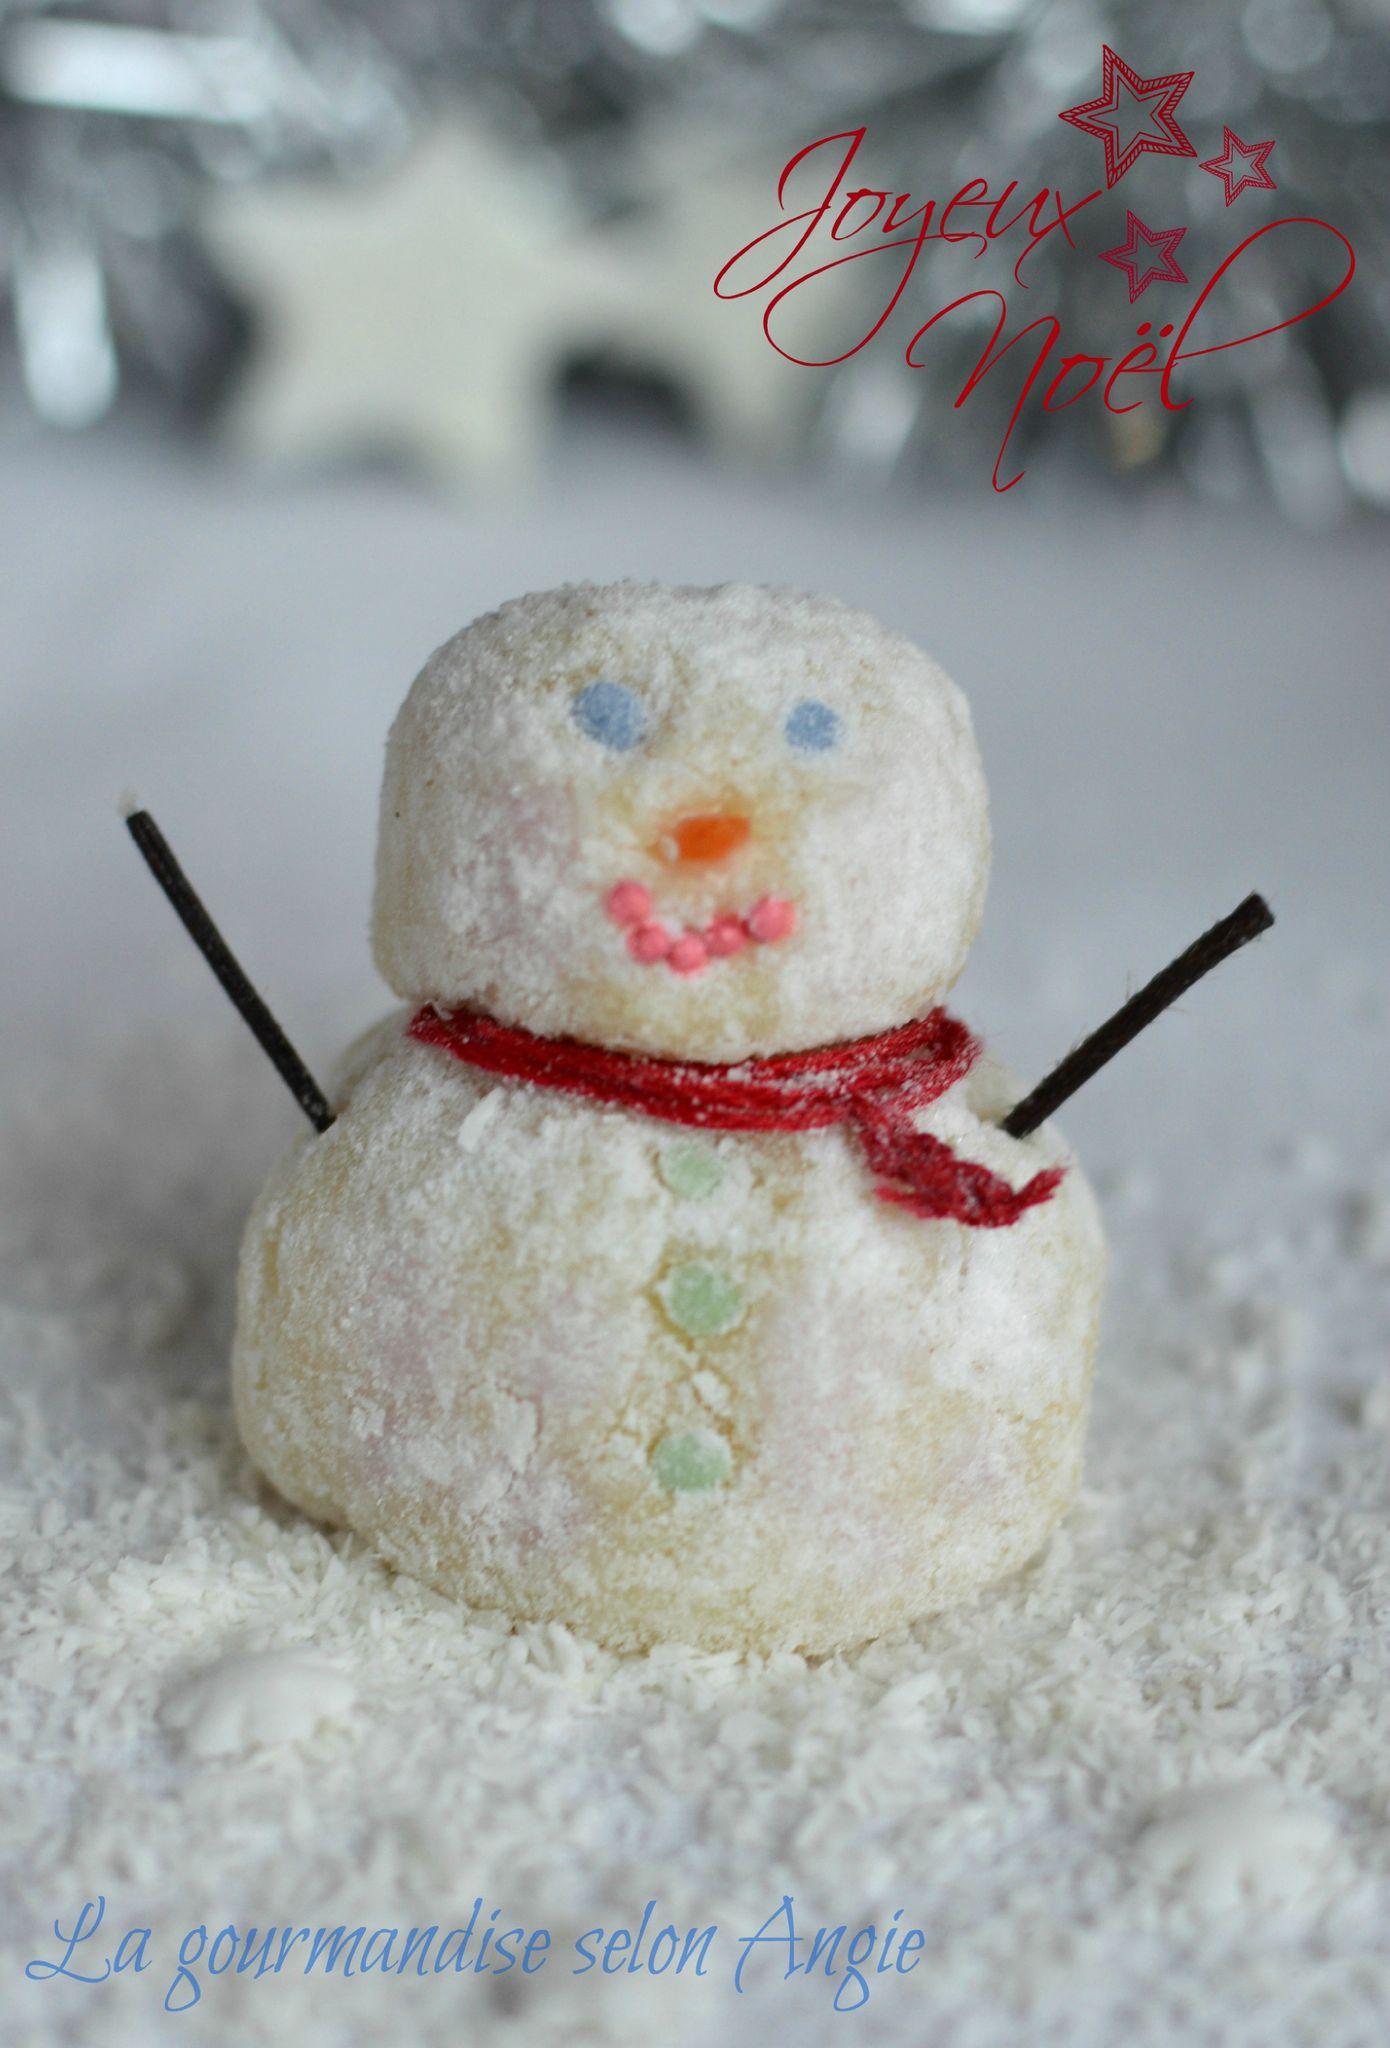 Bonhomme de neige en chocolat blanc no l la gourmandise selon angie - Bonhomme de neige en polystyrene ...